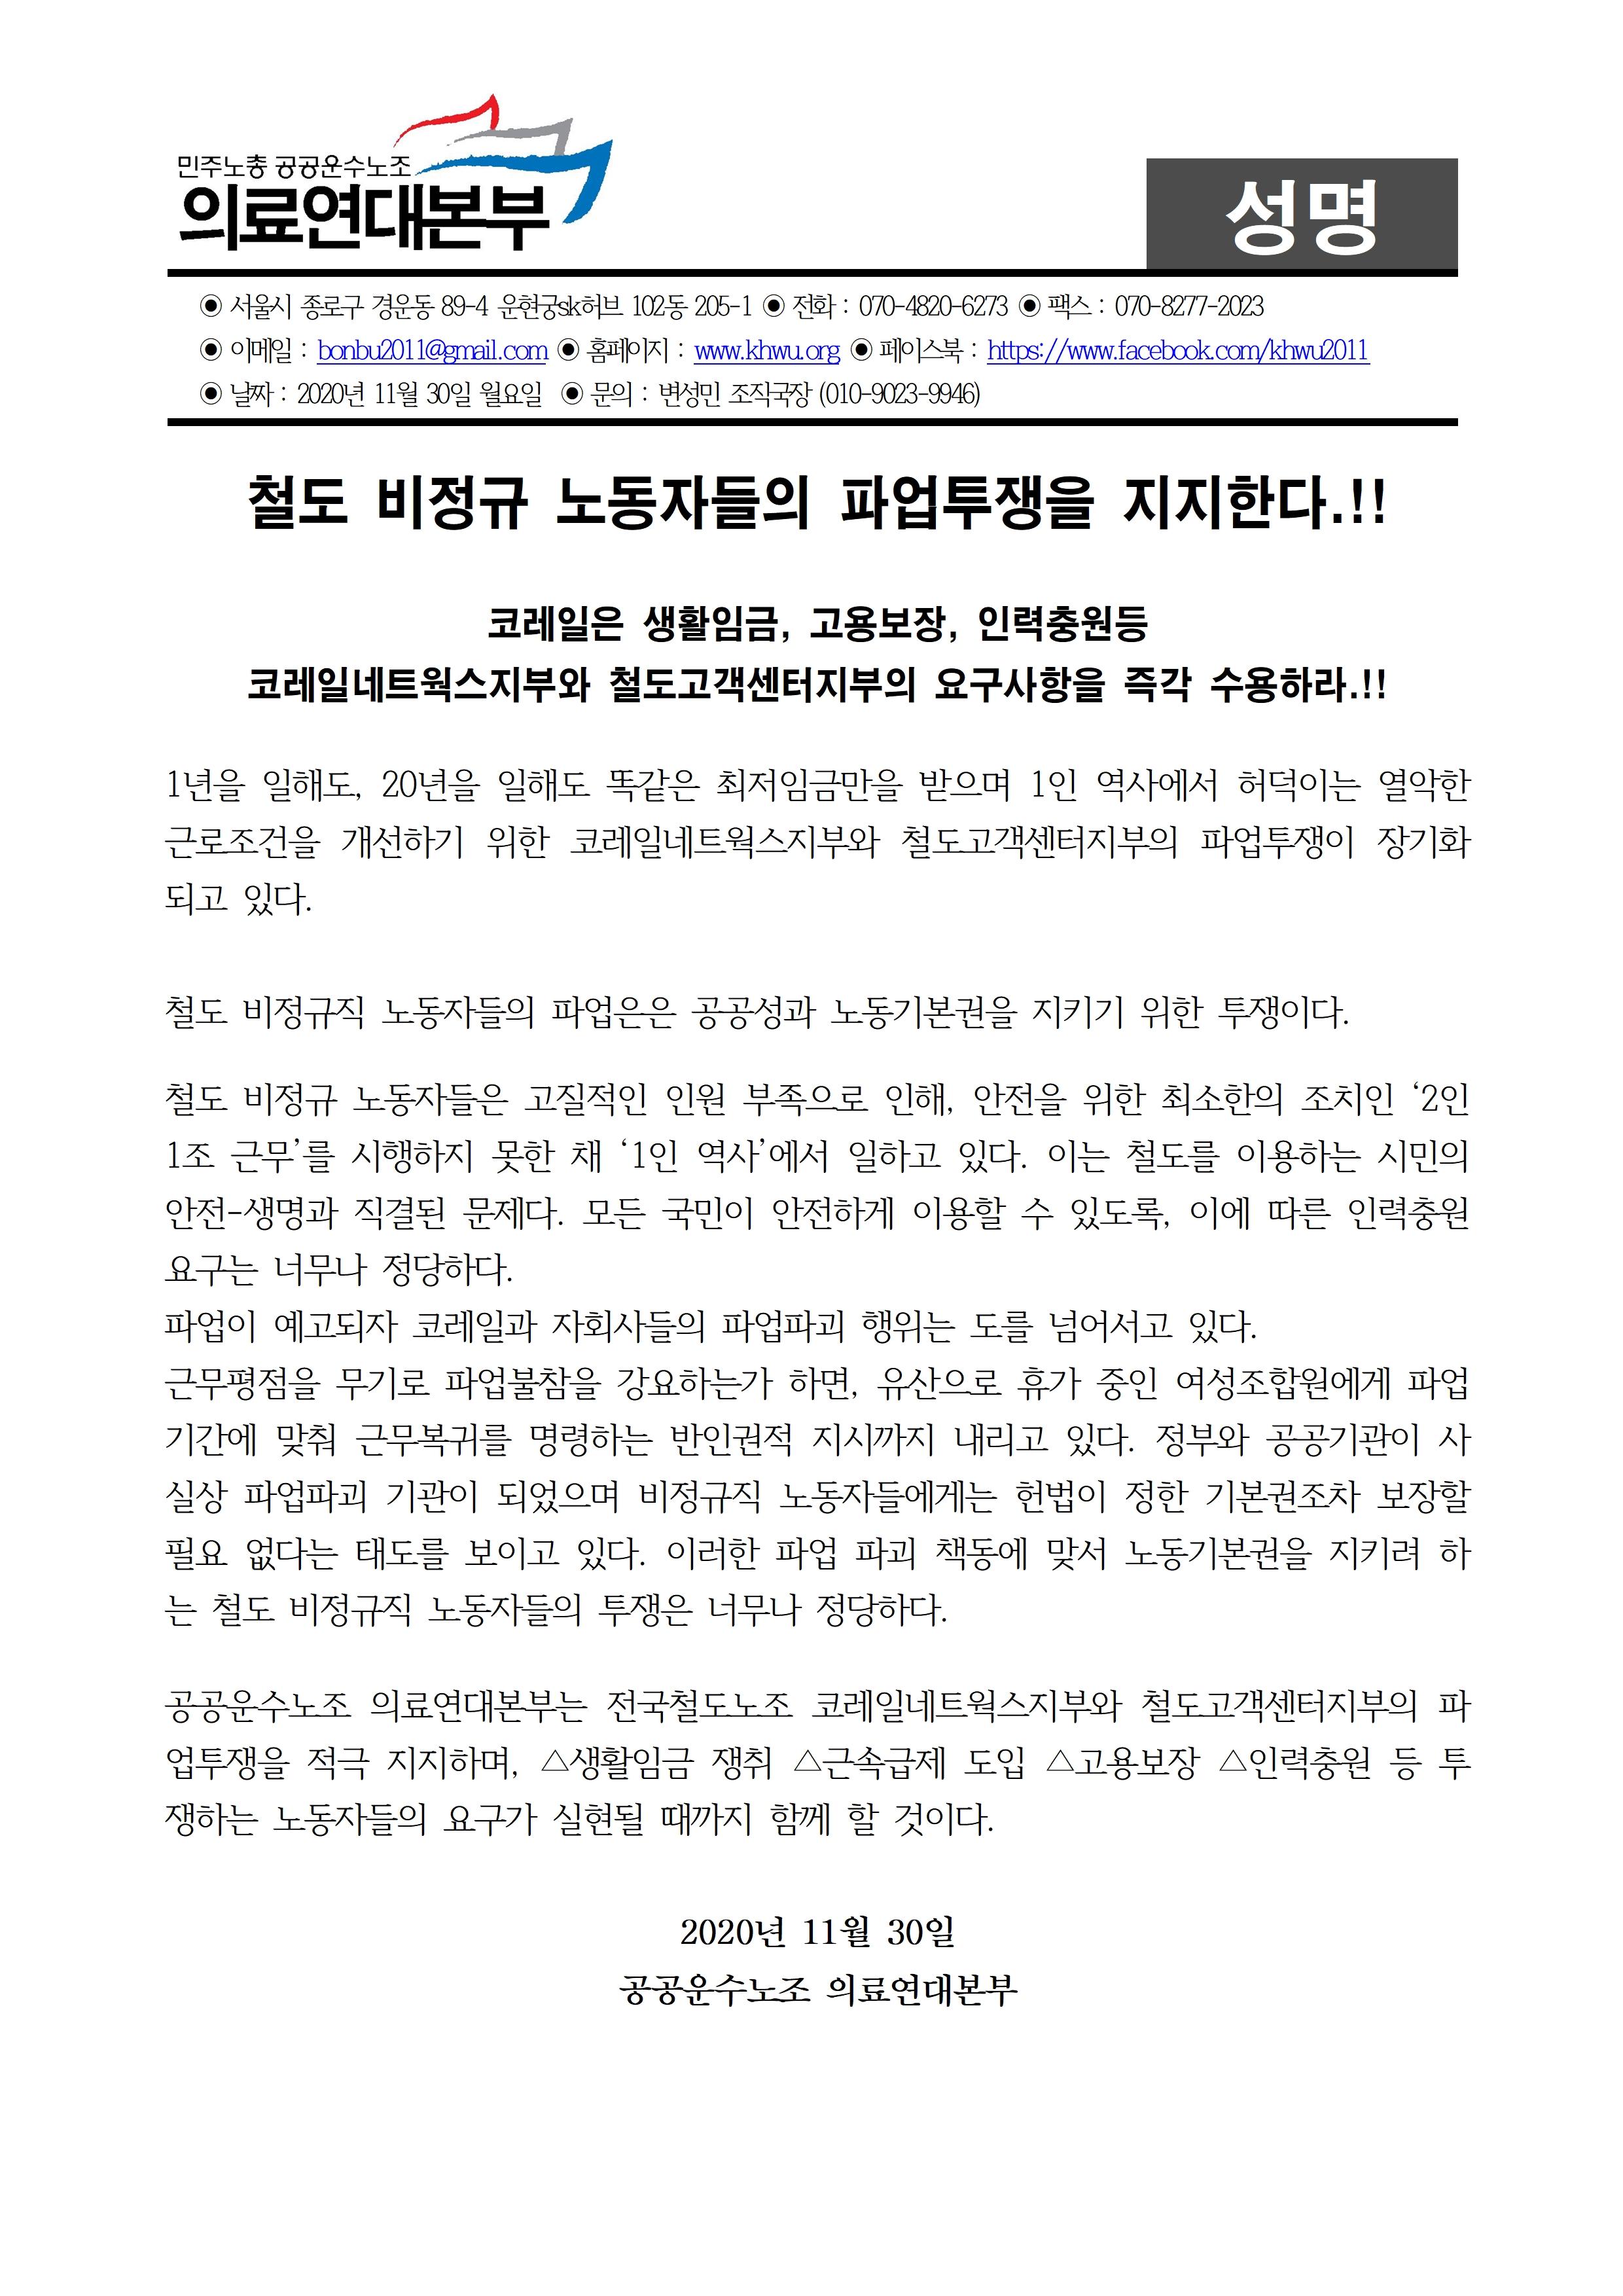 20201113 성명] 철도비정규직 파업 투쟁 지지한다.jpg